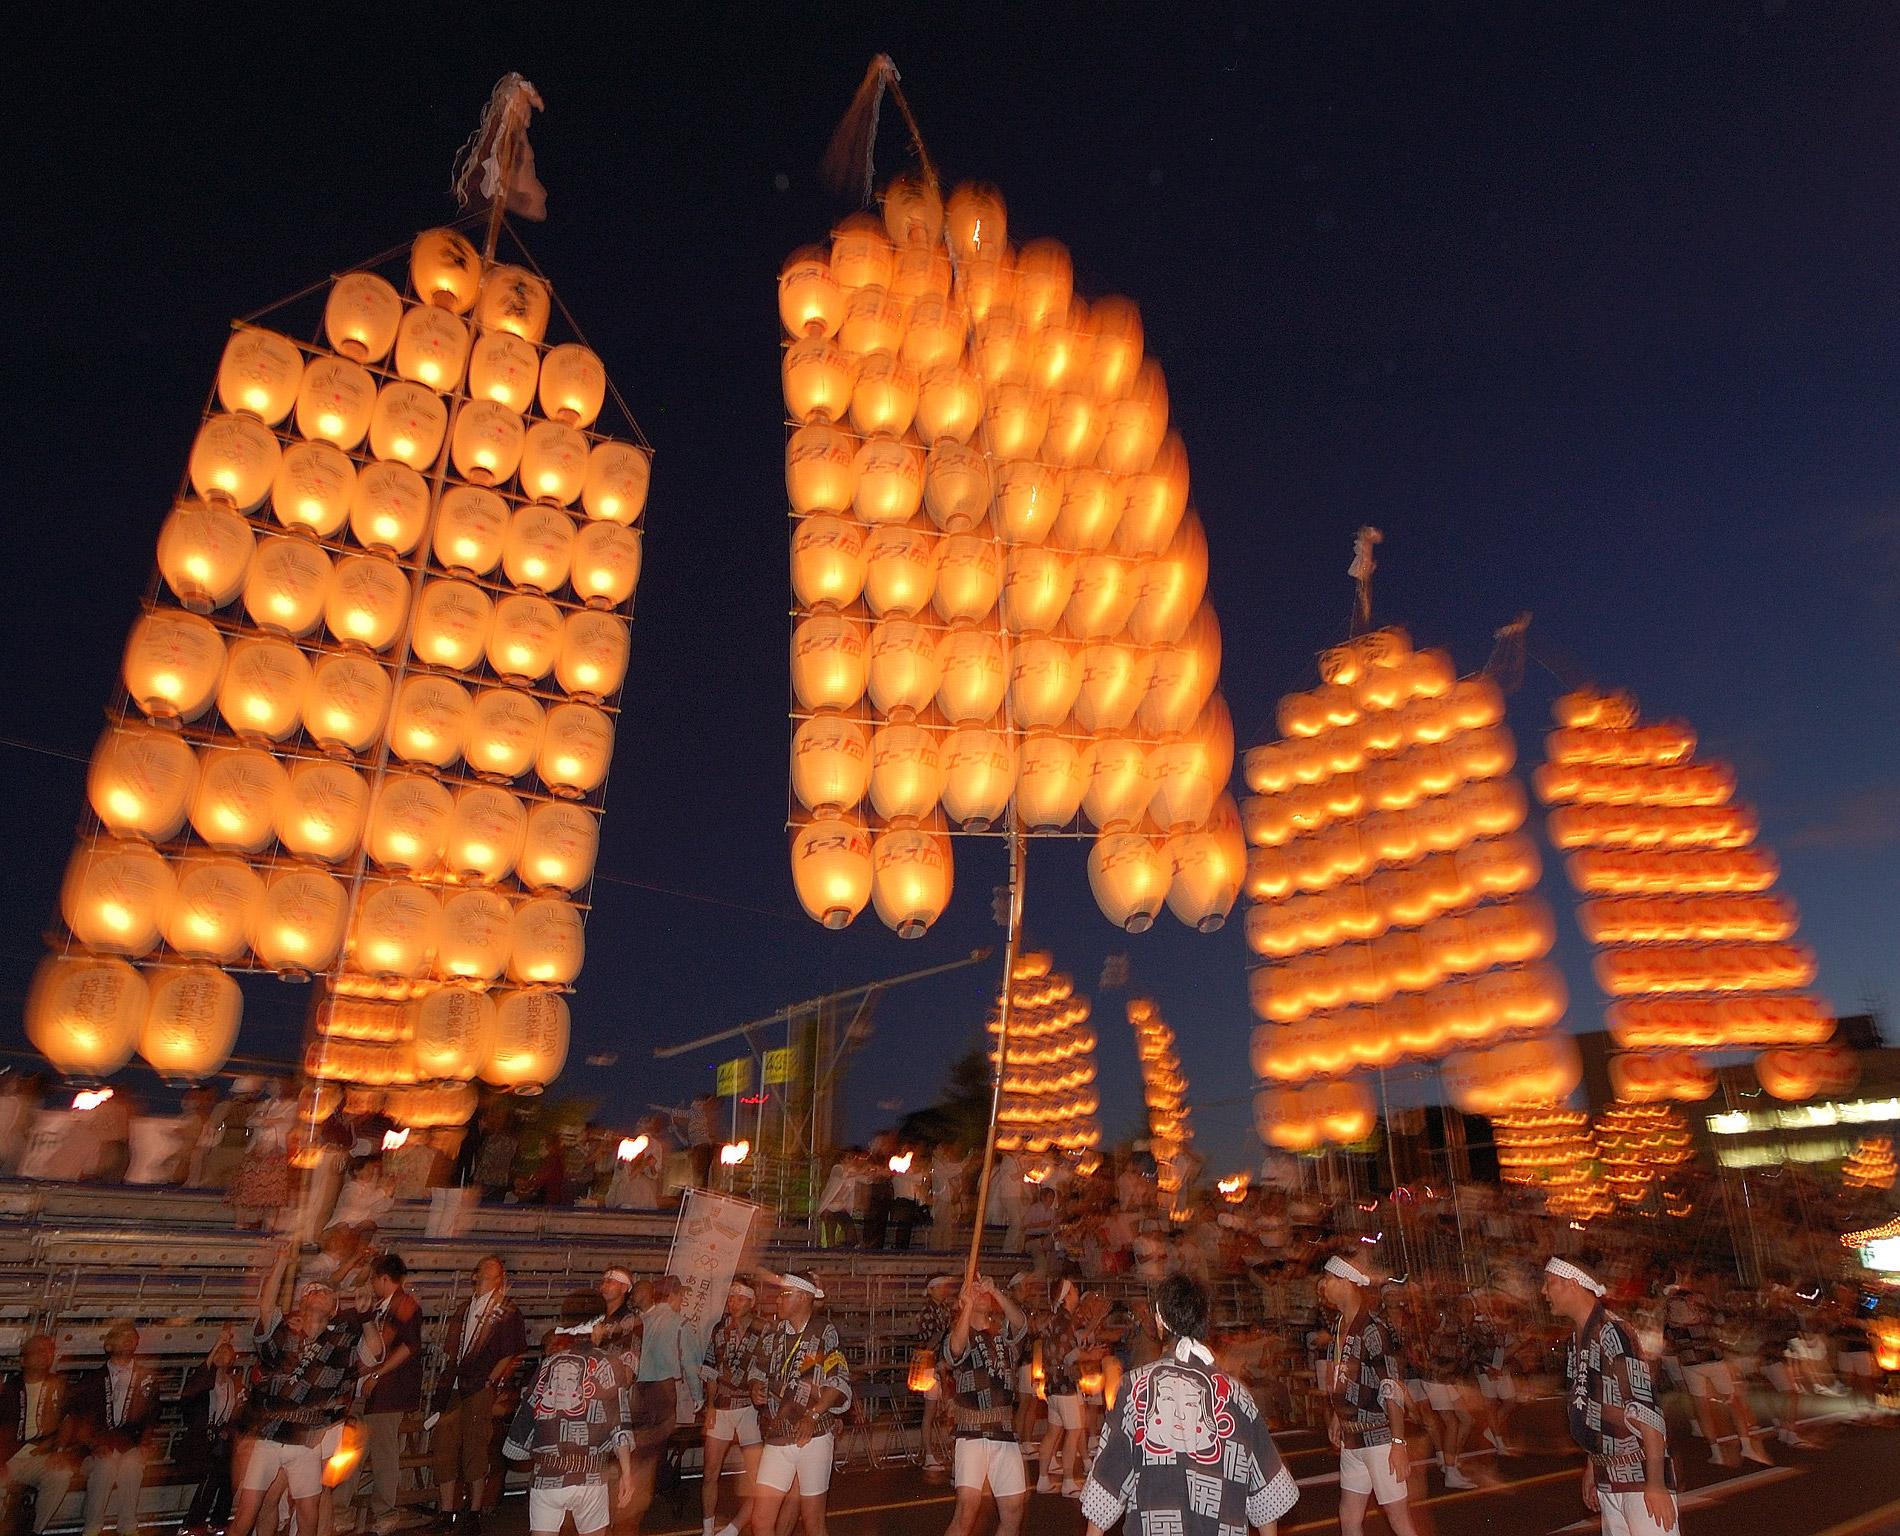 46 Laternen an einem Stab montiert hantiert jeder Träger beim Akita Kanto Matsuri. (Foto: Rosino auf flickr https://www.flickr.com/photos/rosino/2817642029 CC BY-SA 2.0)